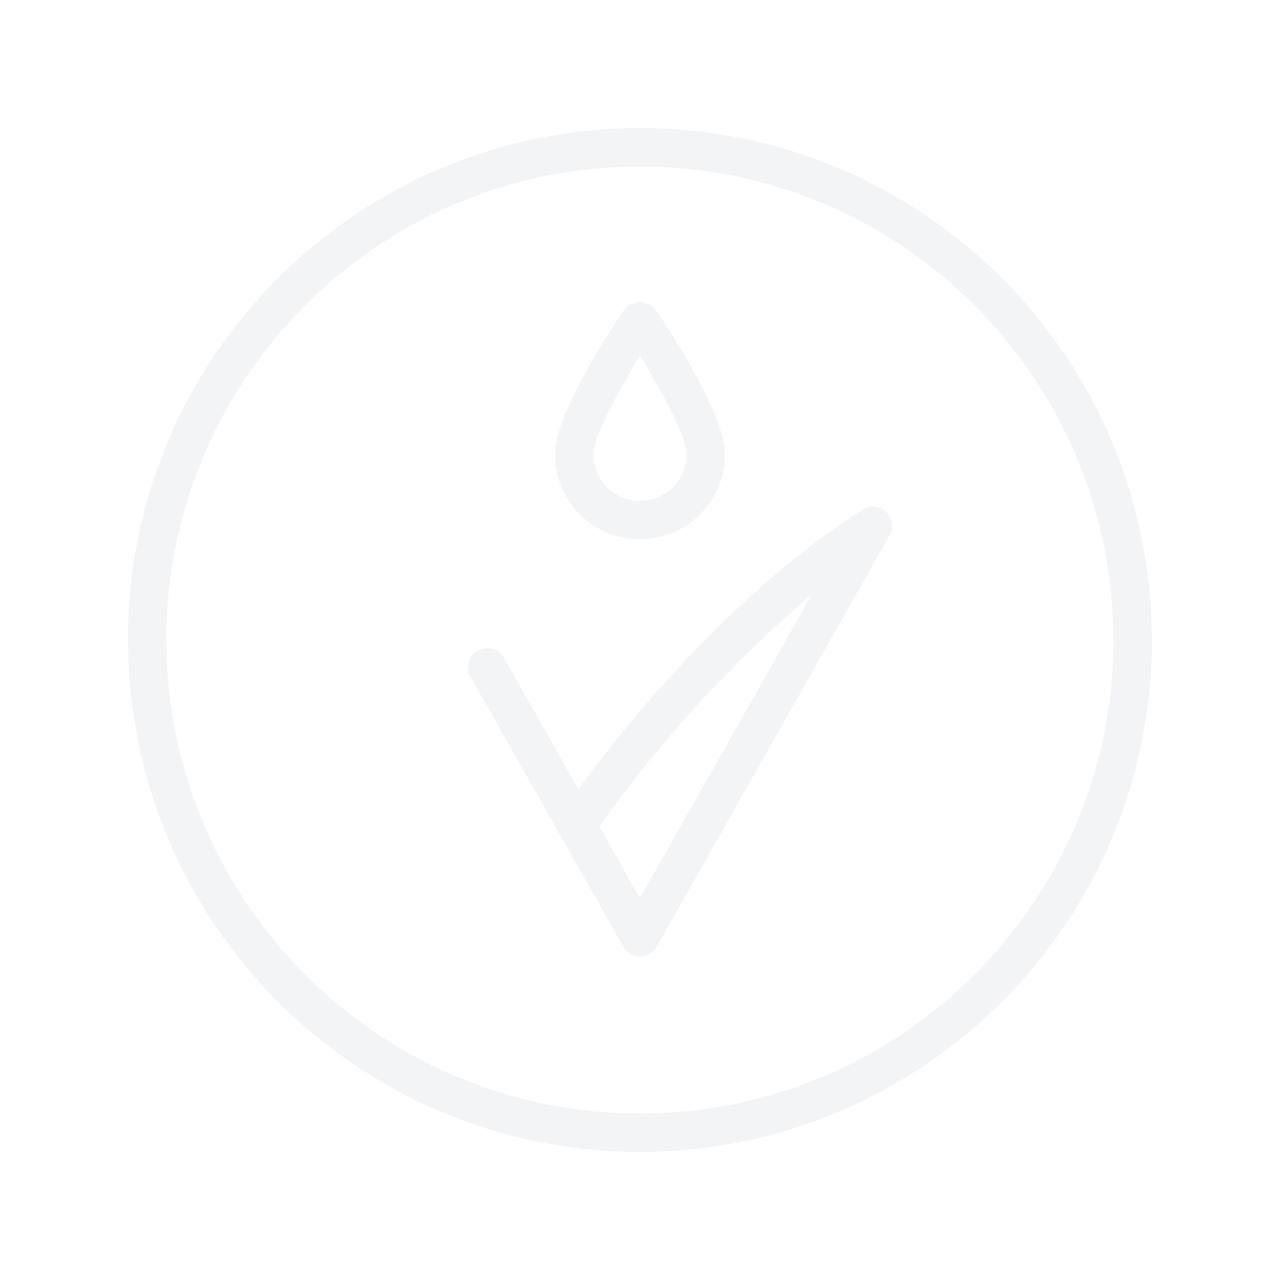 BIODROGA Cleansing Eye Make-Up Remover Pads 70pcs